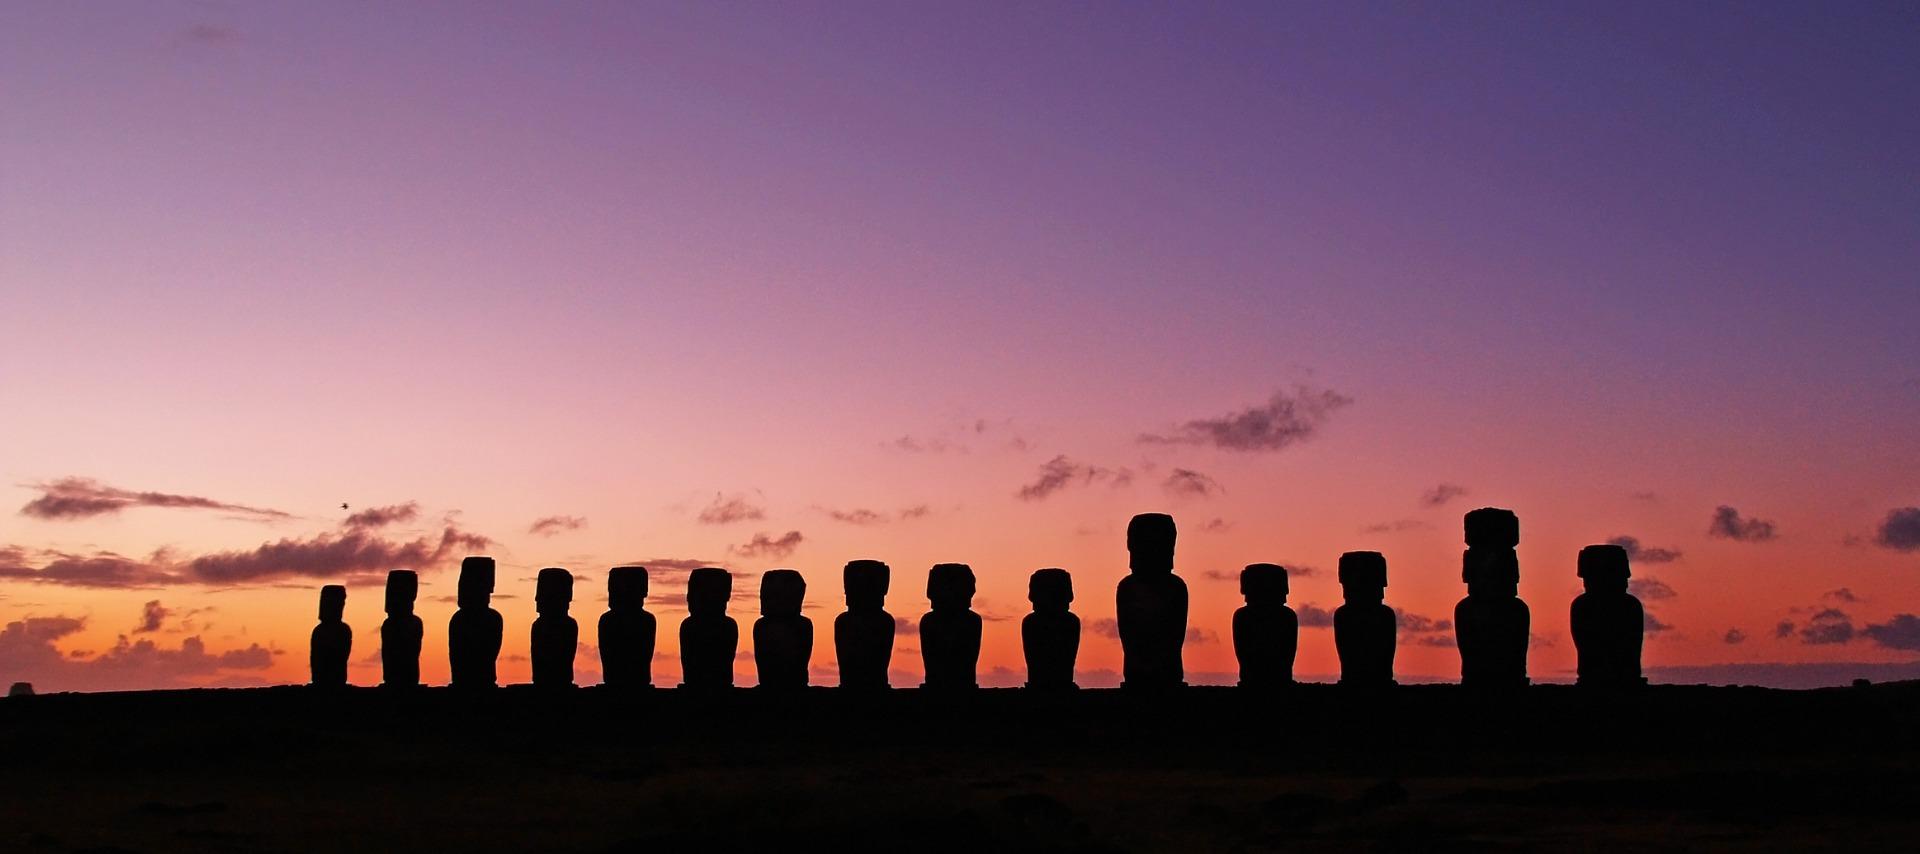 イースター島, ラパヌイ, 彫刻, 空, 雲 - HD の壁紙 - 教授-falken.com